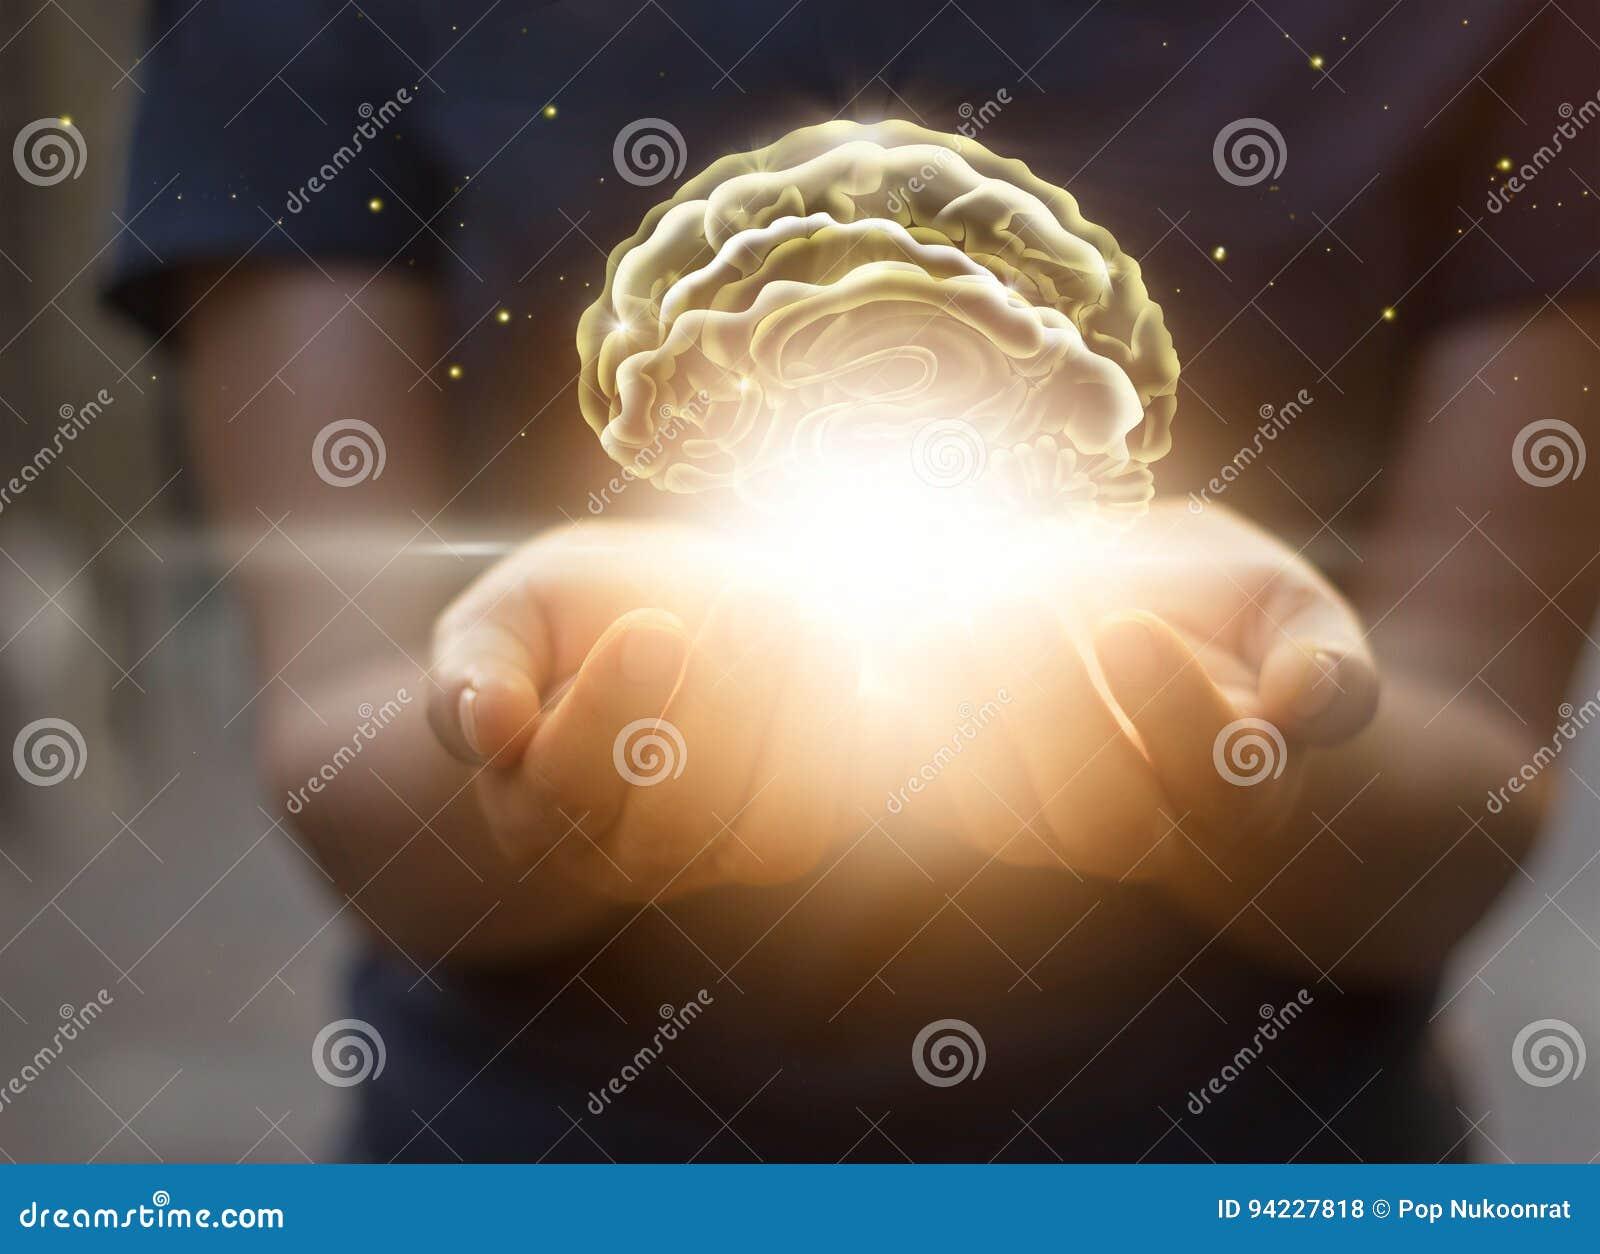 Palmensorgfalt und schützt virtuelles Gehirn, innovative Technologie in Sc